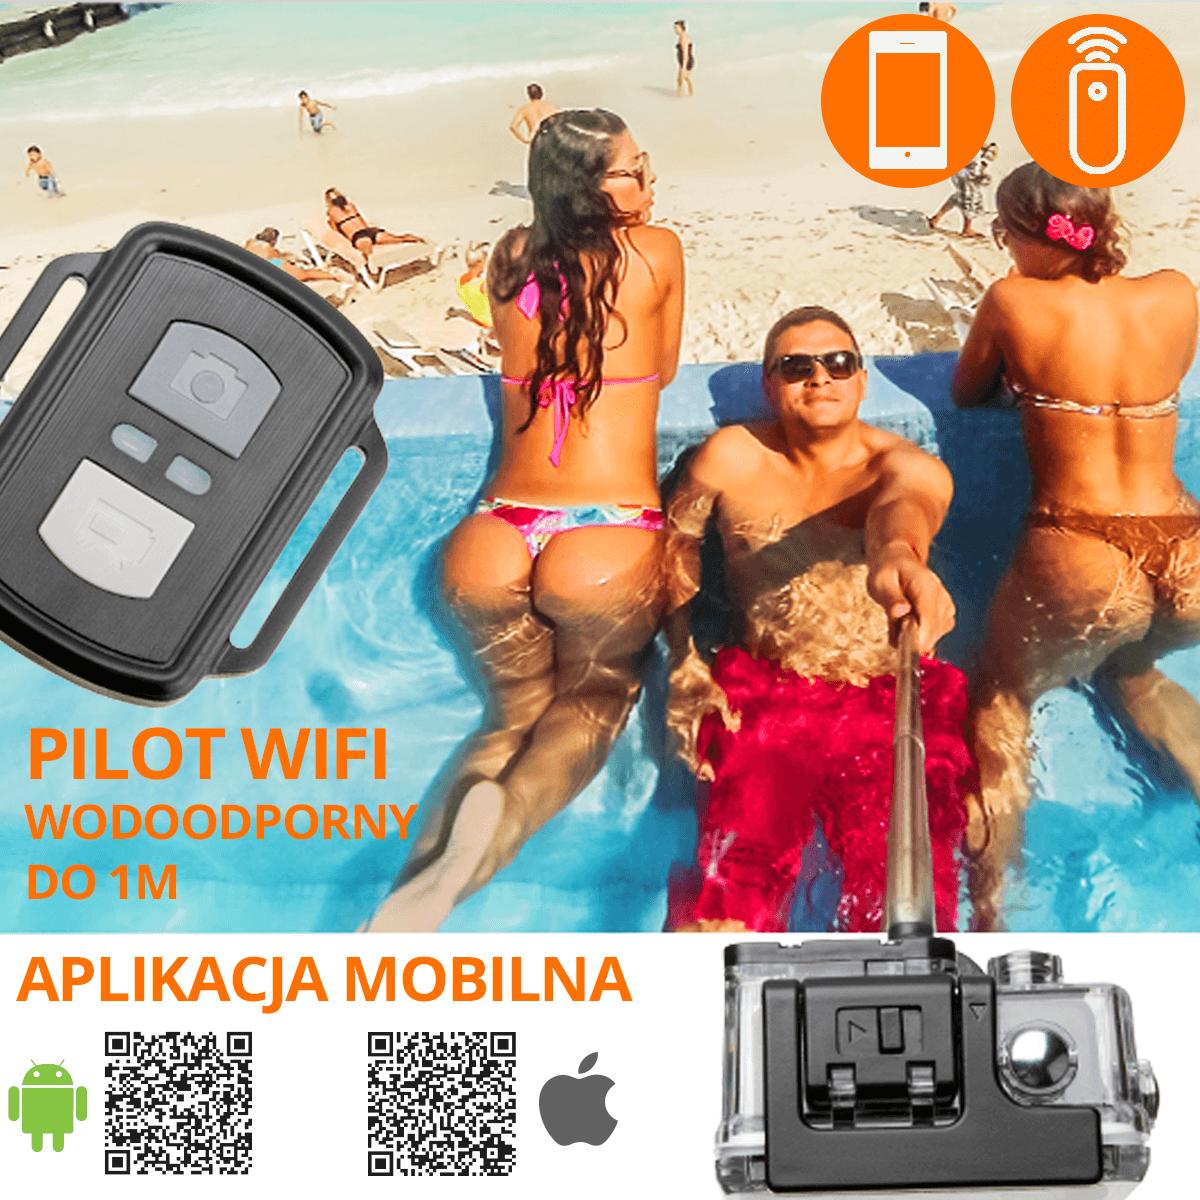 kamera-sportowa-aplikacja-mobilna-orllo-pl